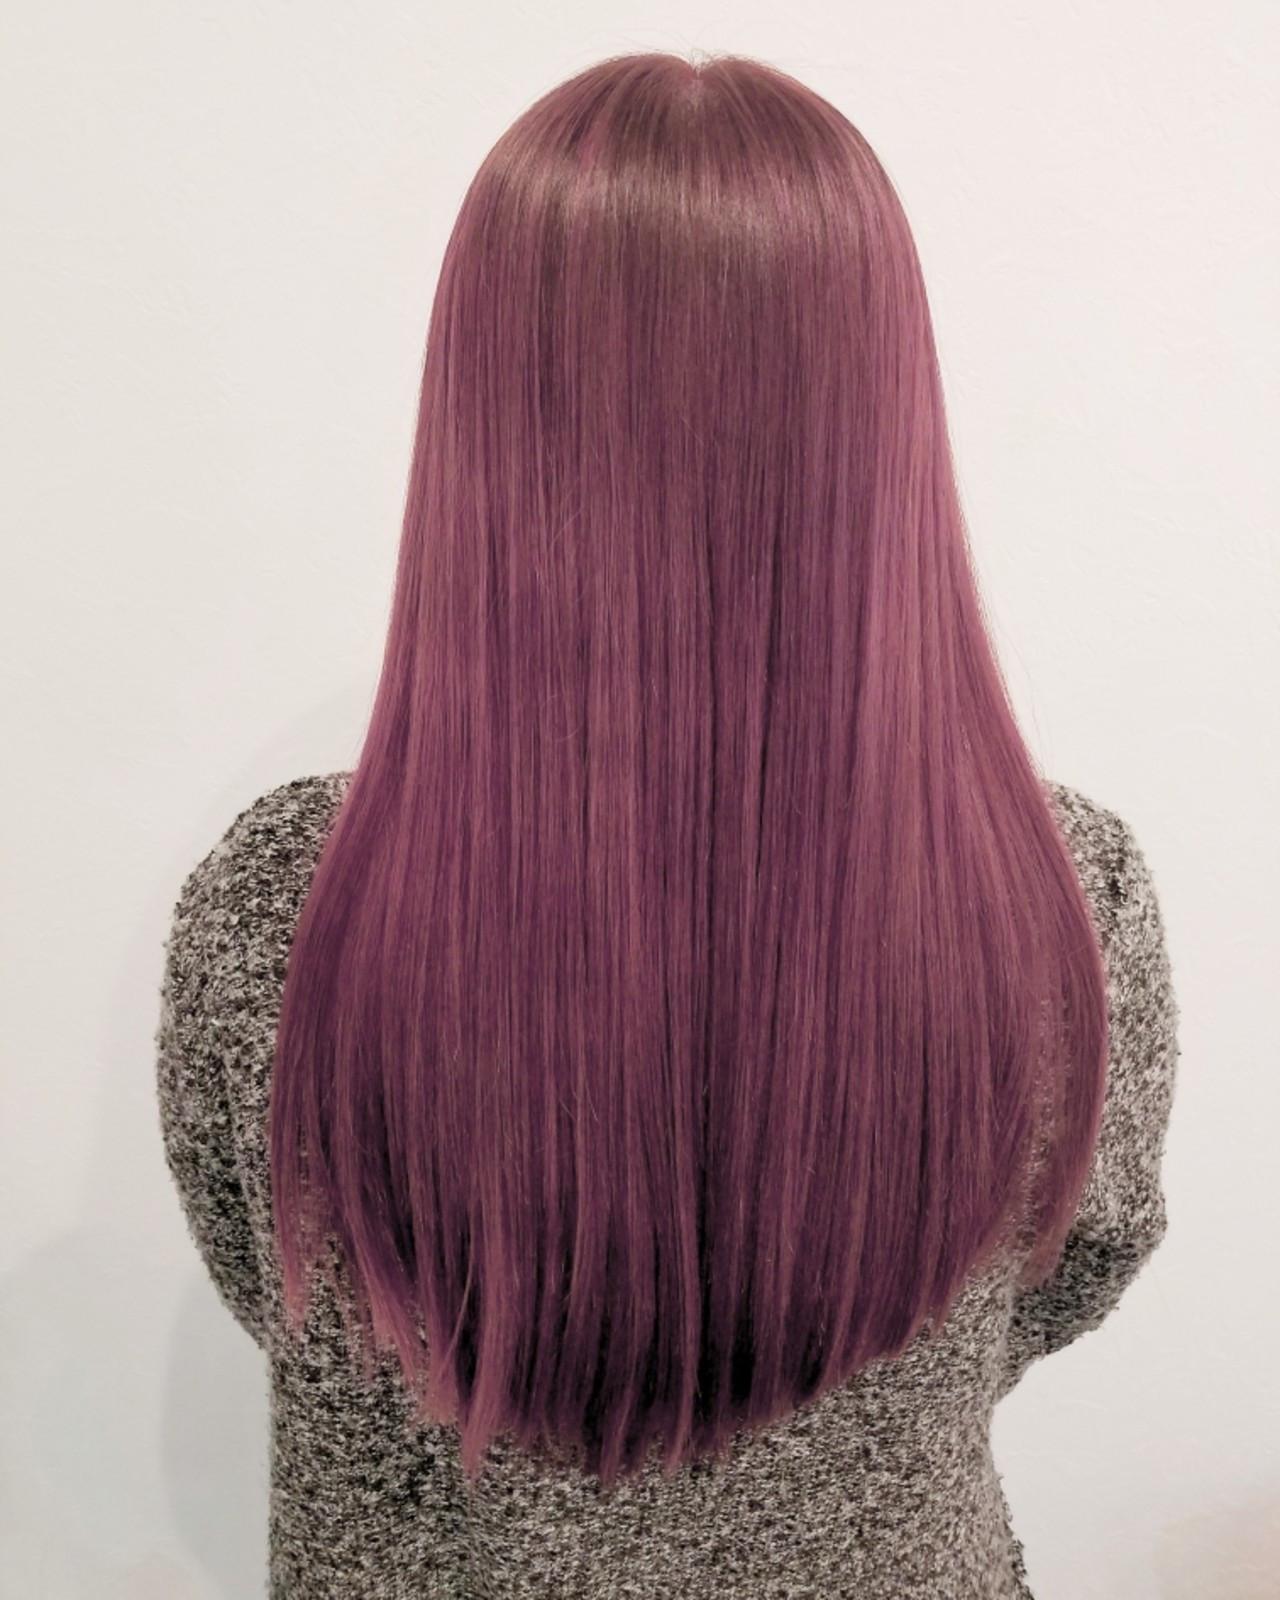 ガーリー ロング 大人かわいい ピンク ヘアスタイルや髪型の写真・画像